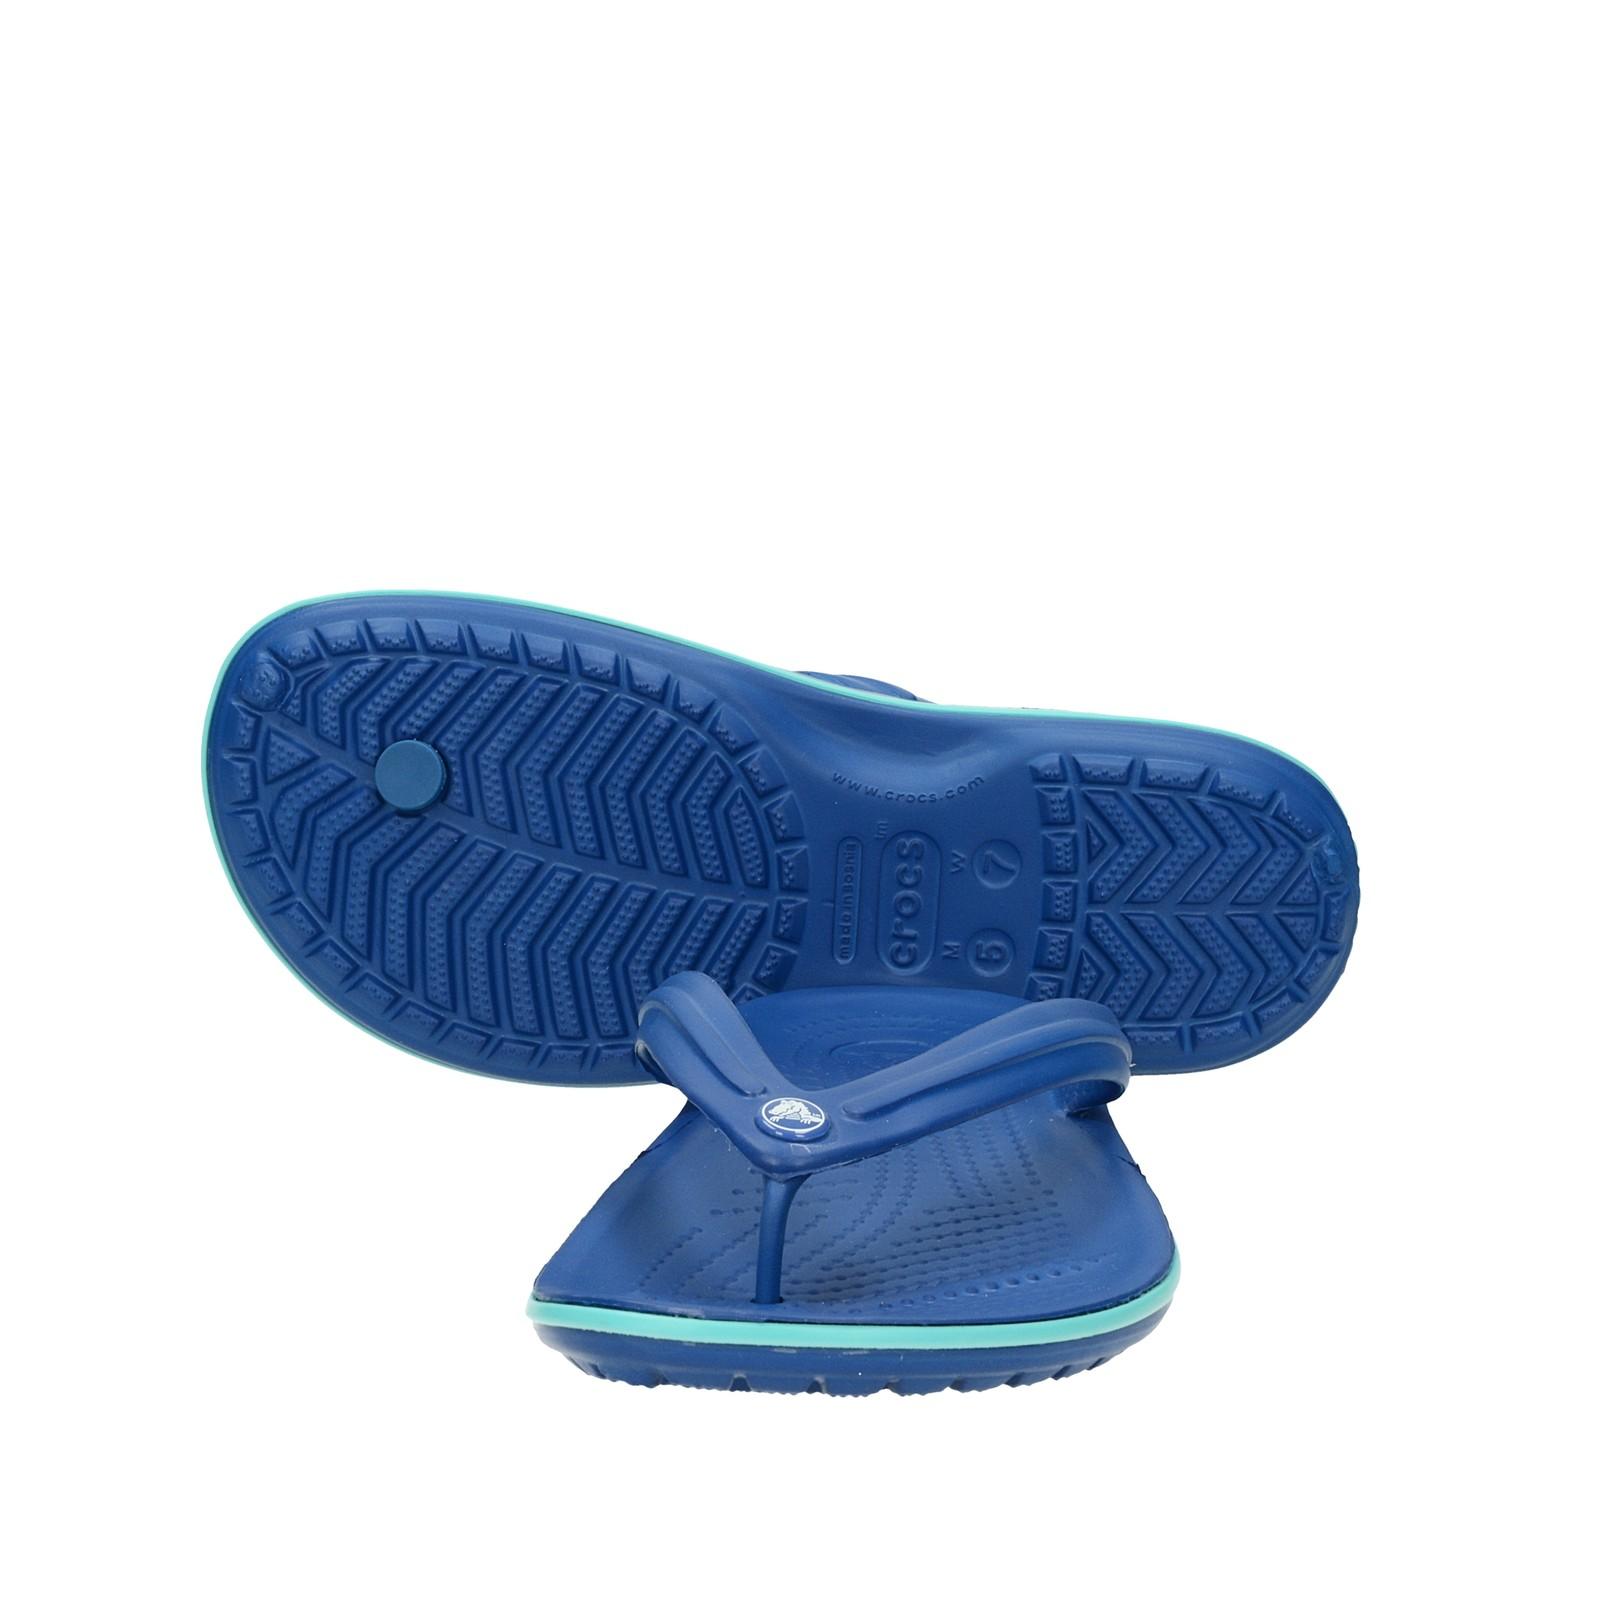 Crocs dámske štýlové plážovky - modré